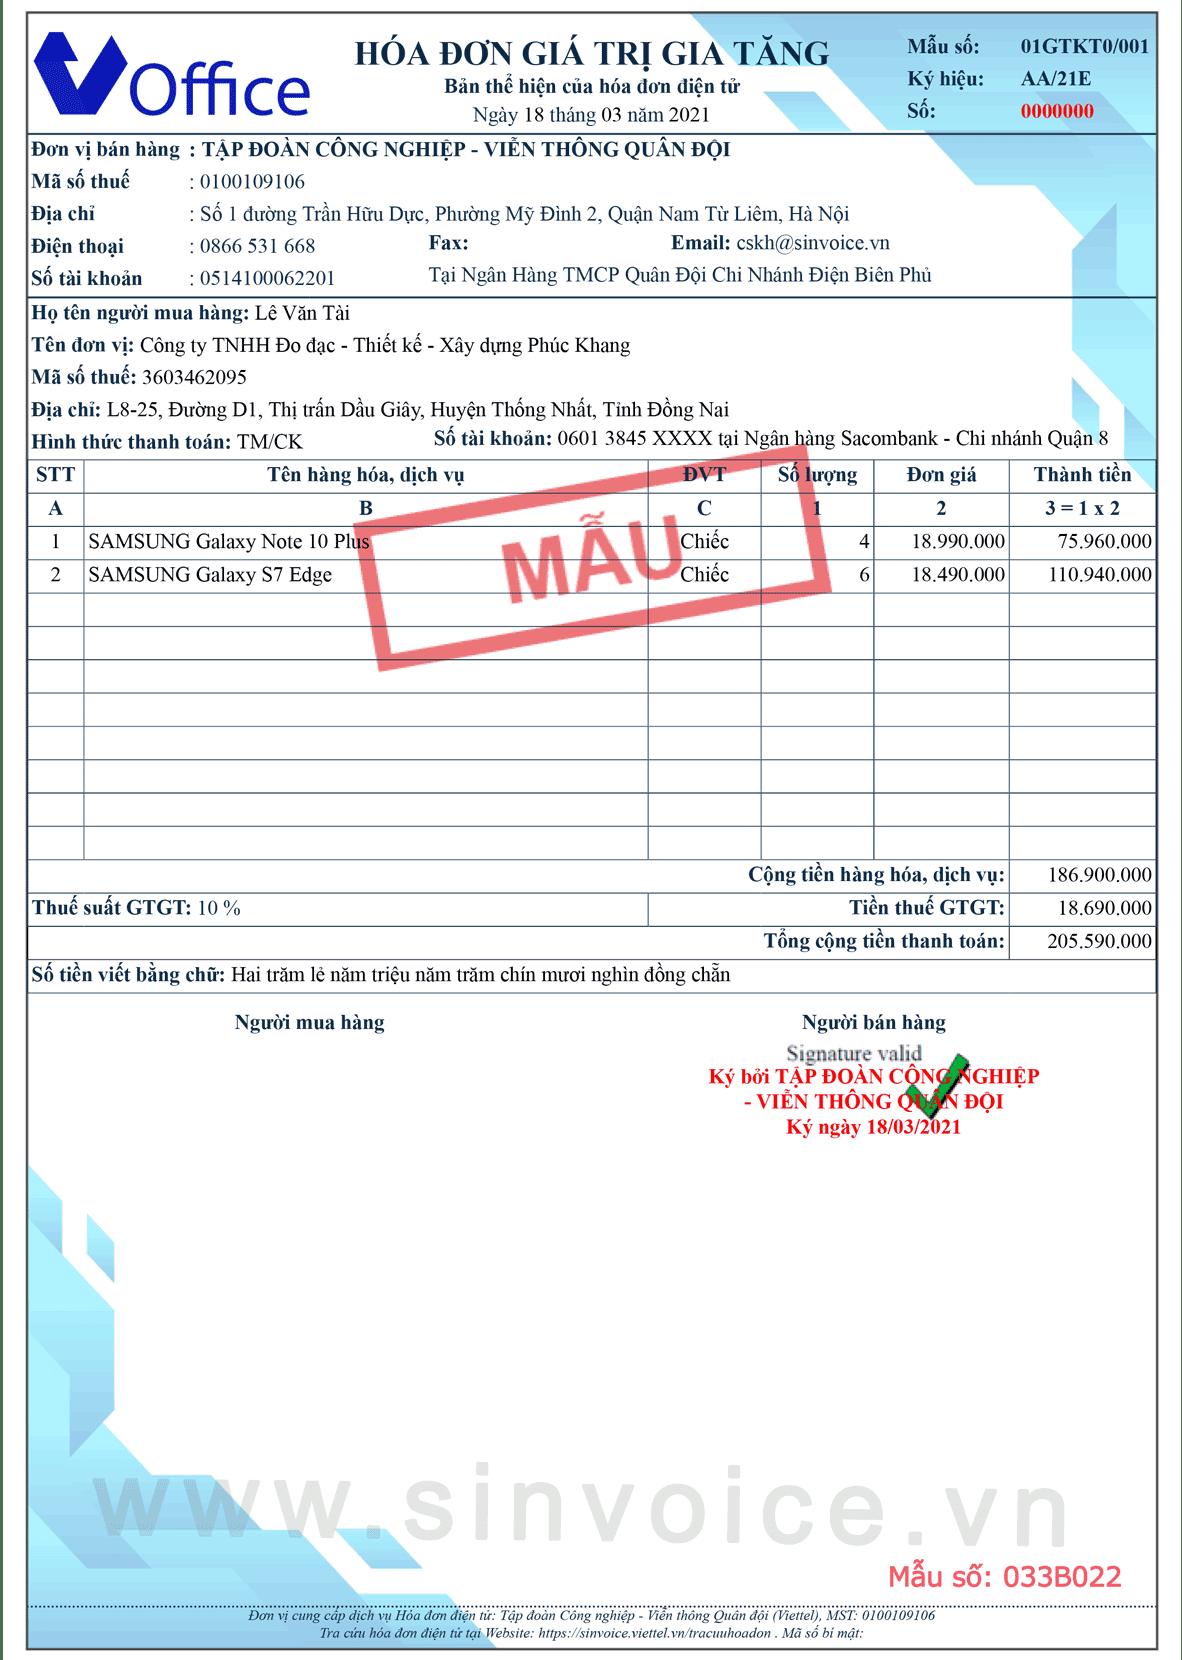 Mẫu hóa đơn điện tử số 033B022